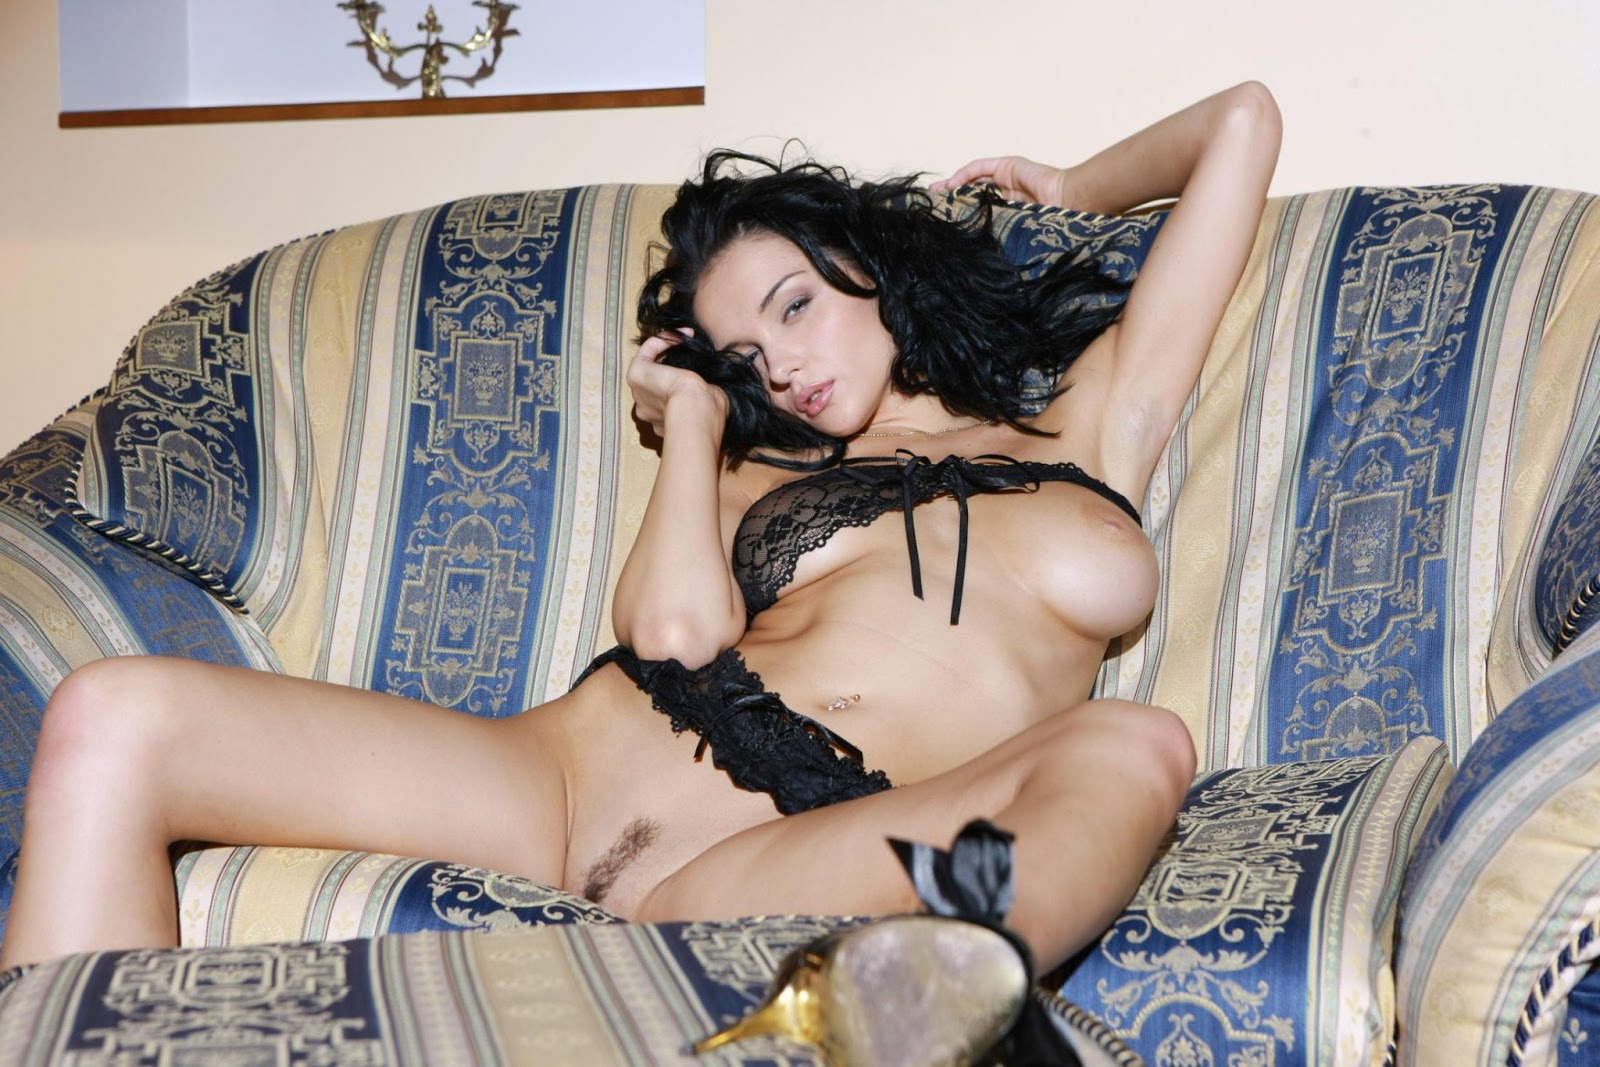 Fey nude katie legs jenya spread